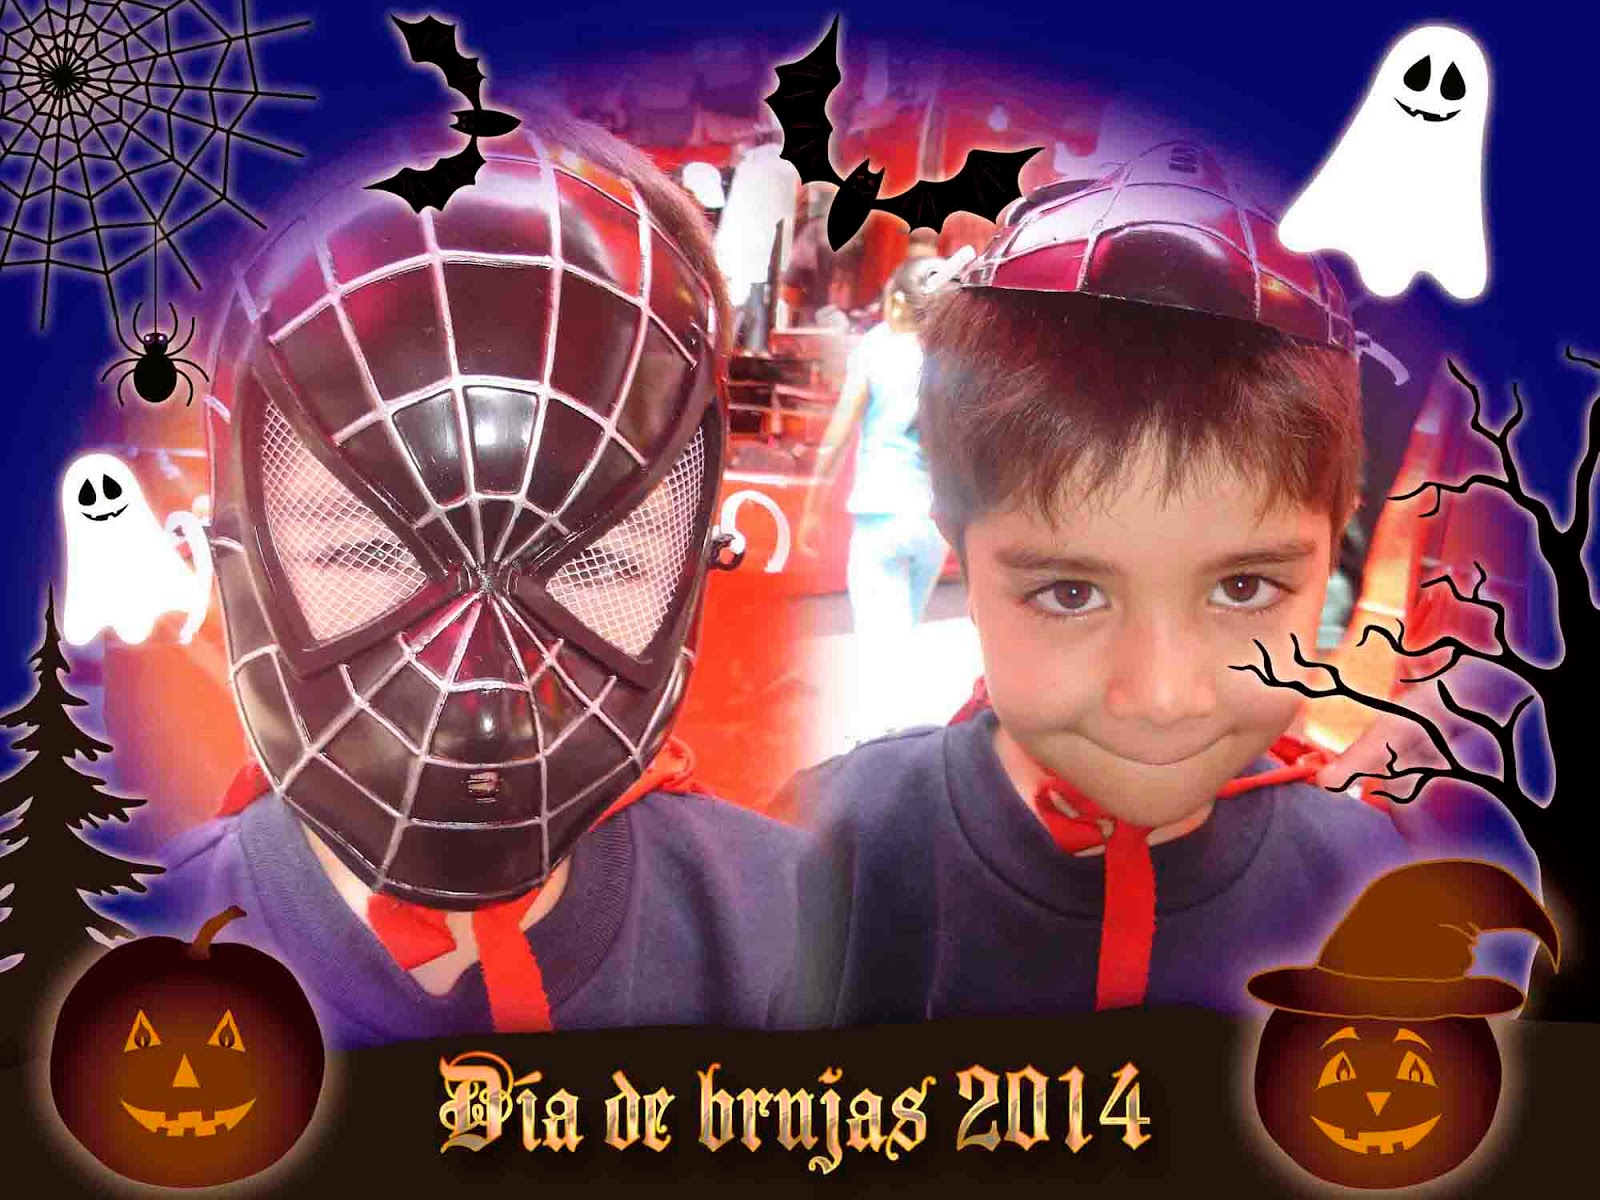 Niño Axel disfrazado con mascara del hombre araña en halloween